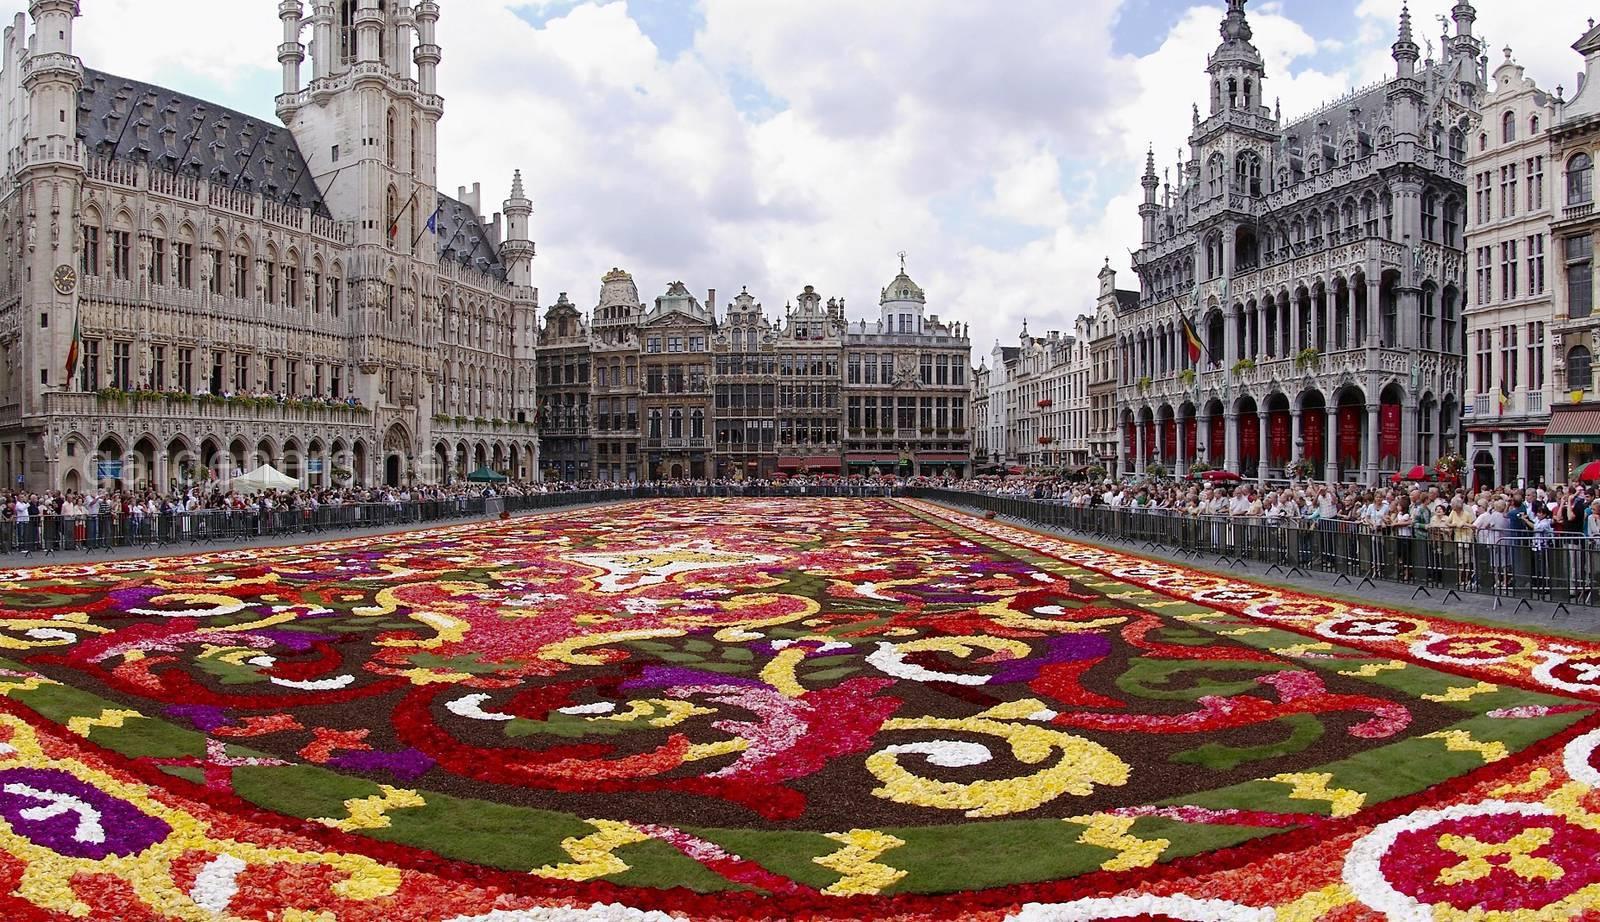 цветочный ковер Брюссель.jpg